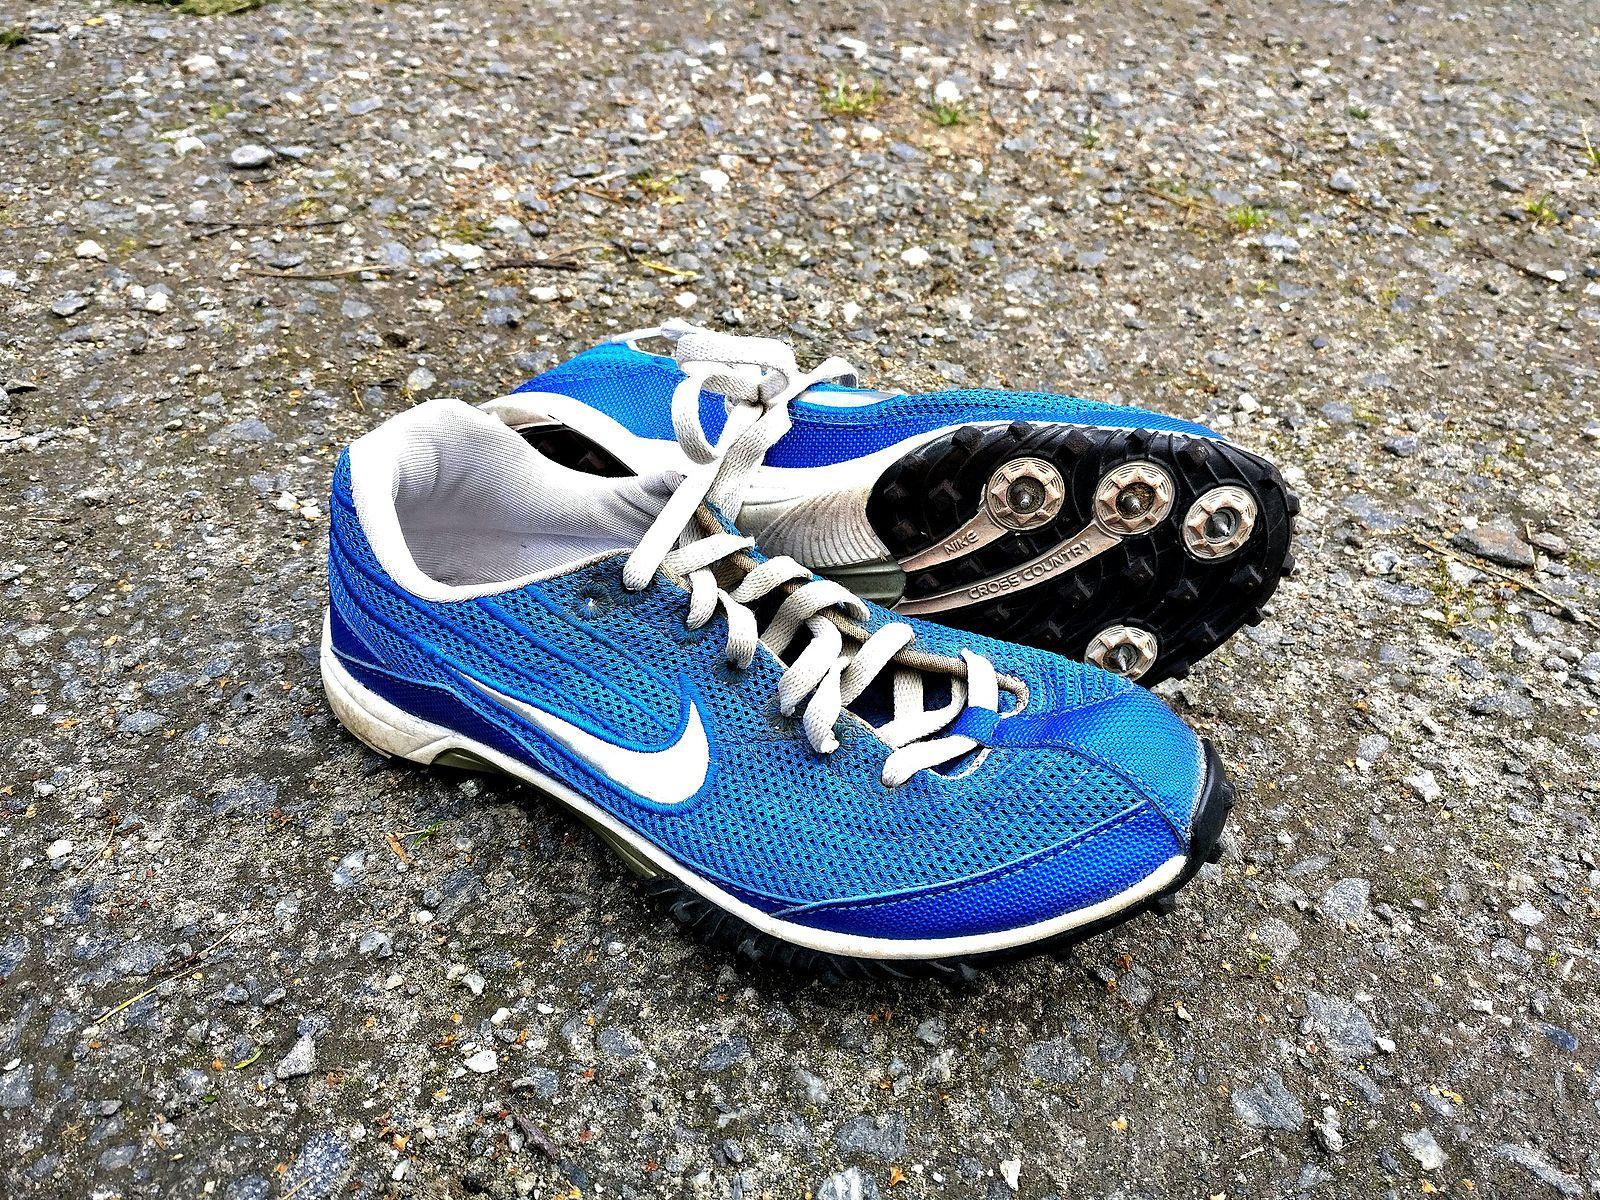 Nike Track Spikes  By  Santeri Viinamäki